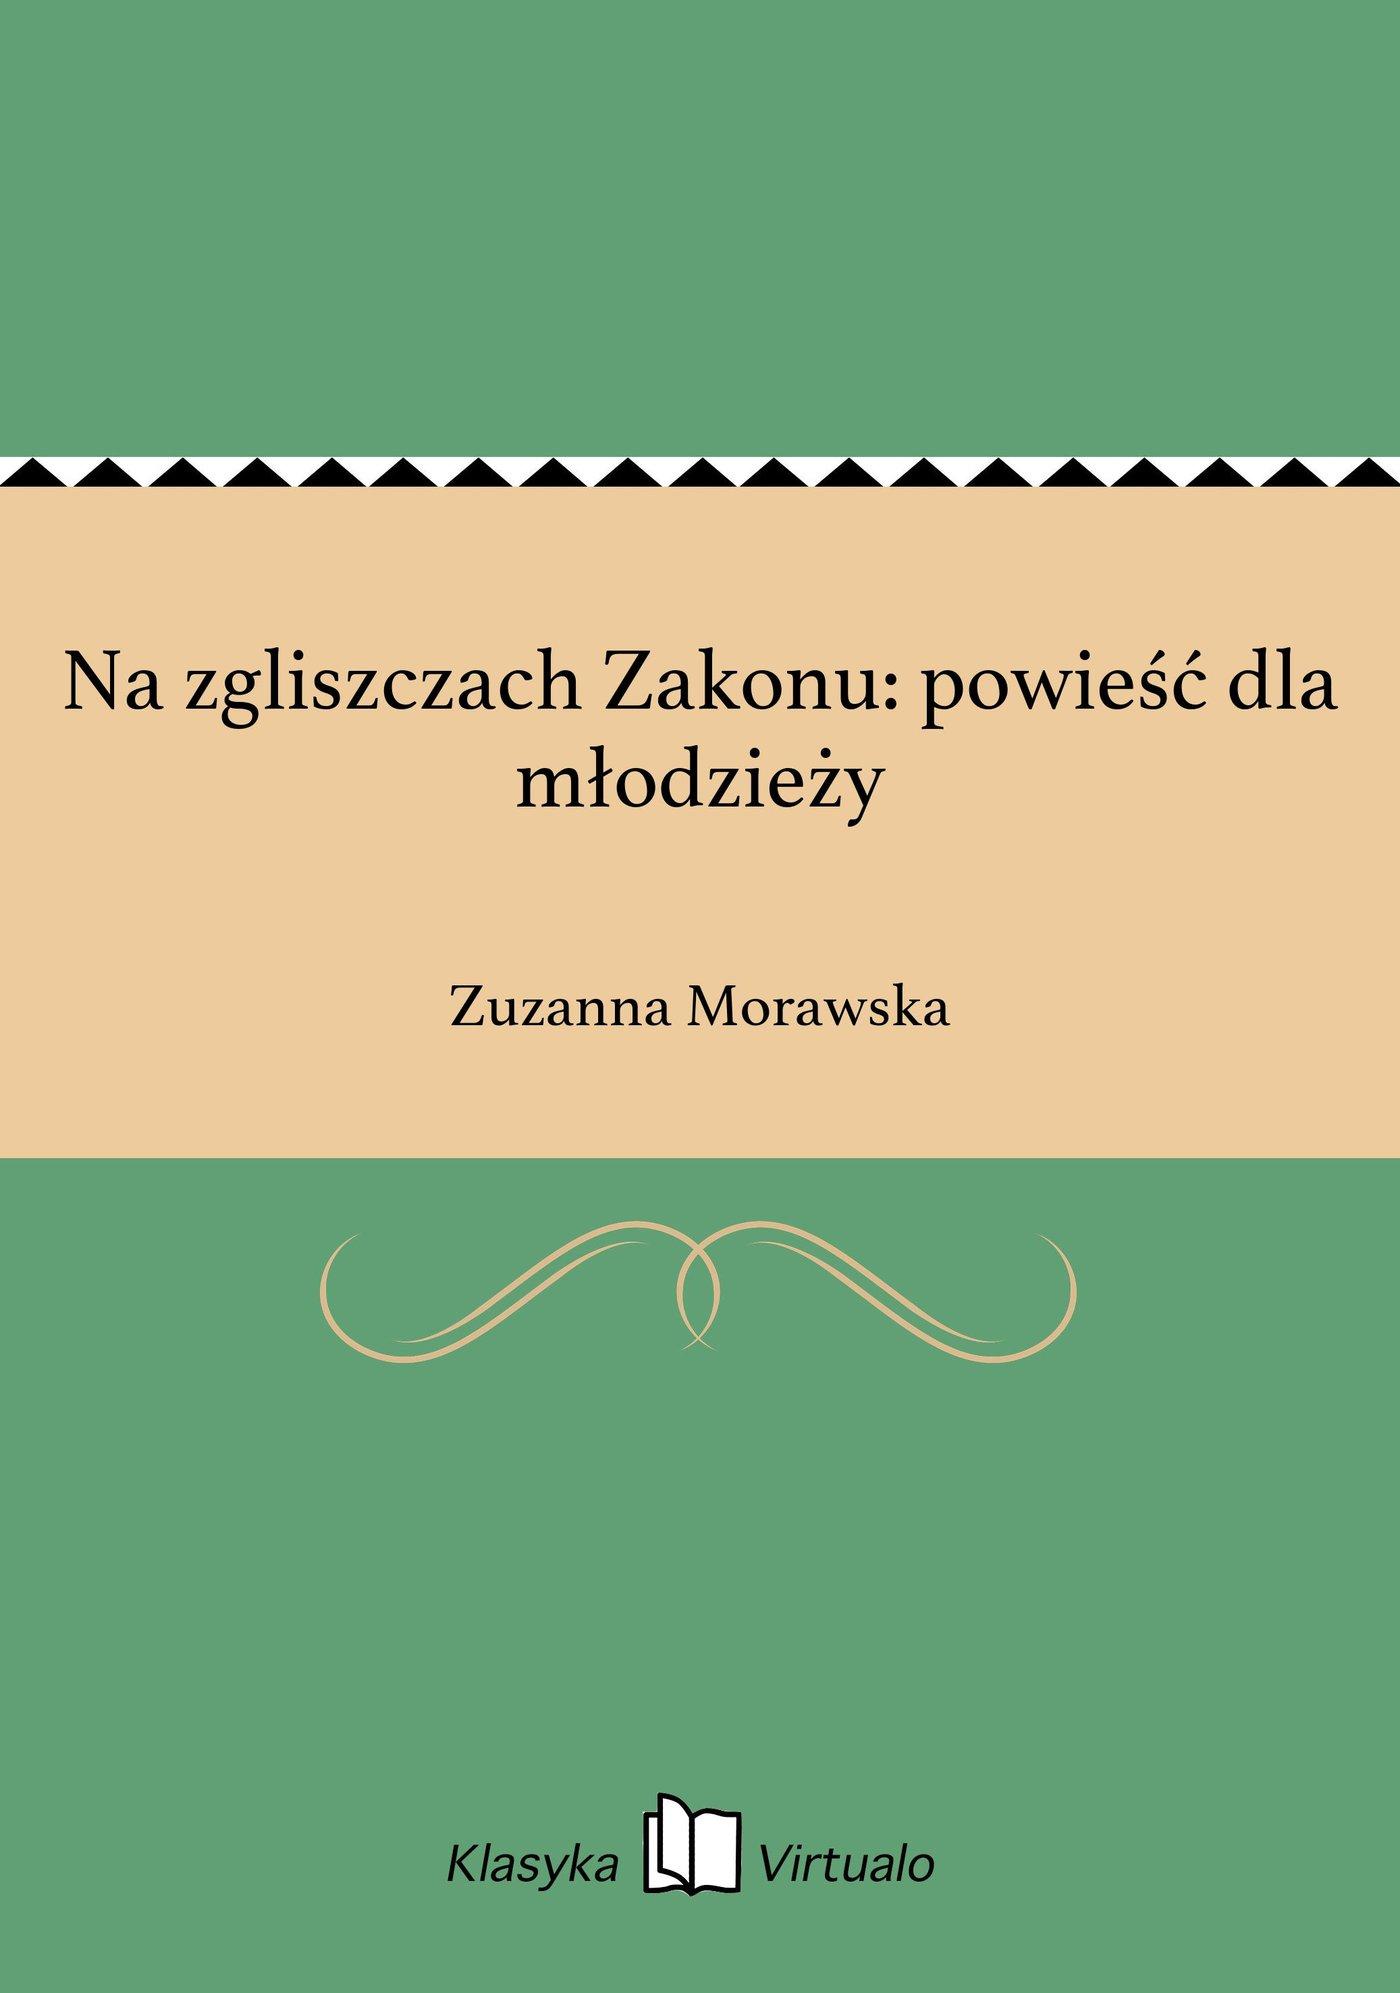 Na zgliszczach Zakonu: powieść dla młodzieży - Ebook (Książka EPUB) do pobrania w formacie EPUB